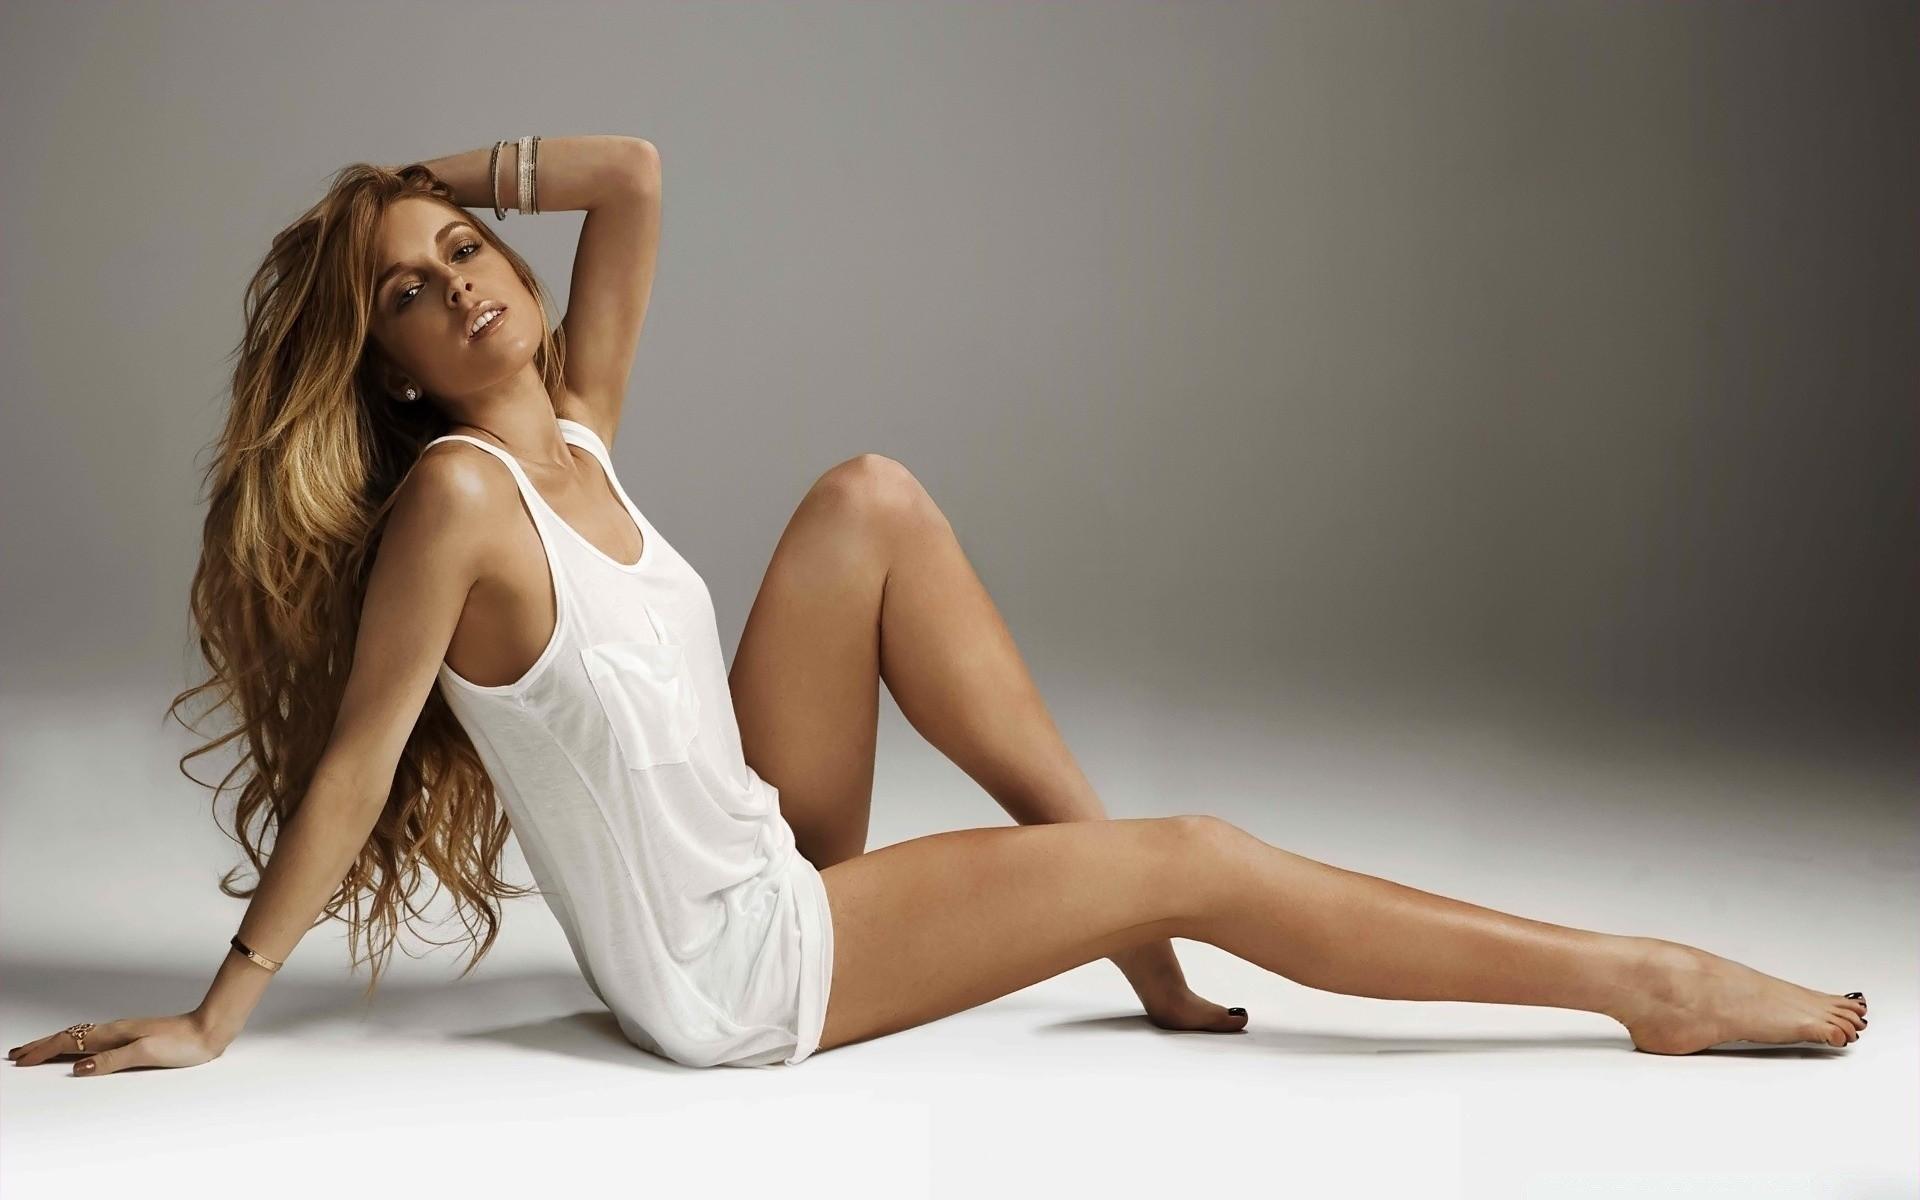 это девушки с красивыми длинными ногами лектории, пожалуй